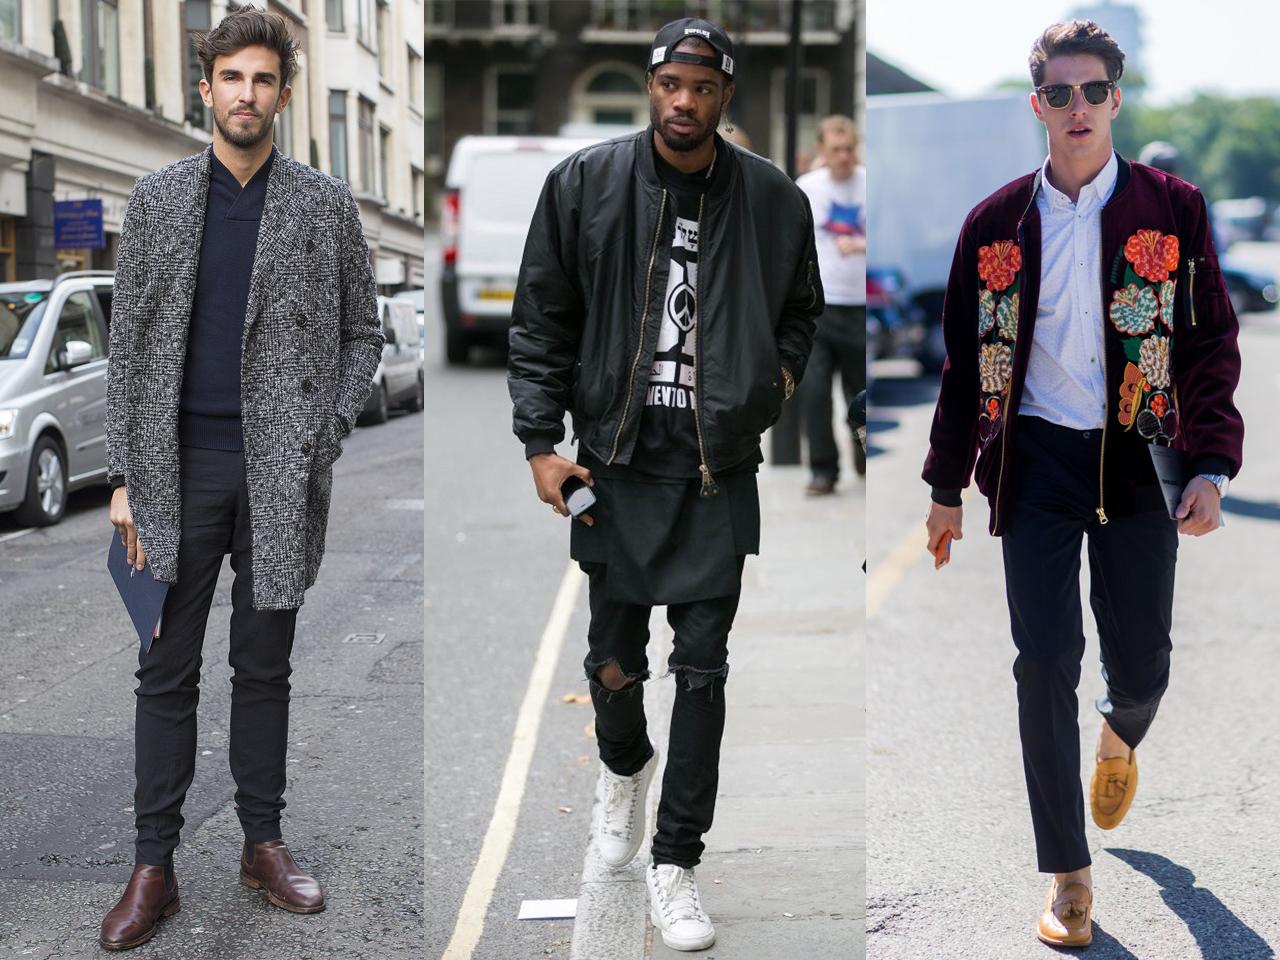 89a134b56 Moda Masculina: Tendências para 2017. 3 homens usando diferentes looks